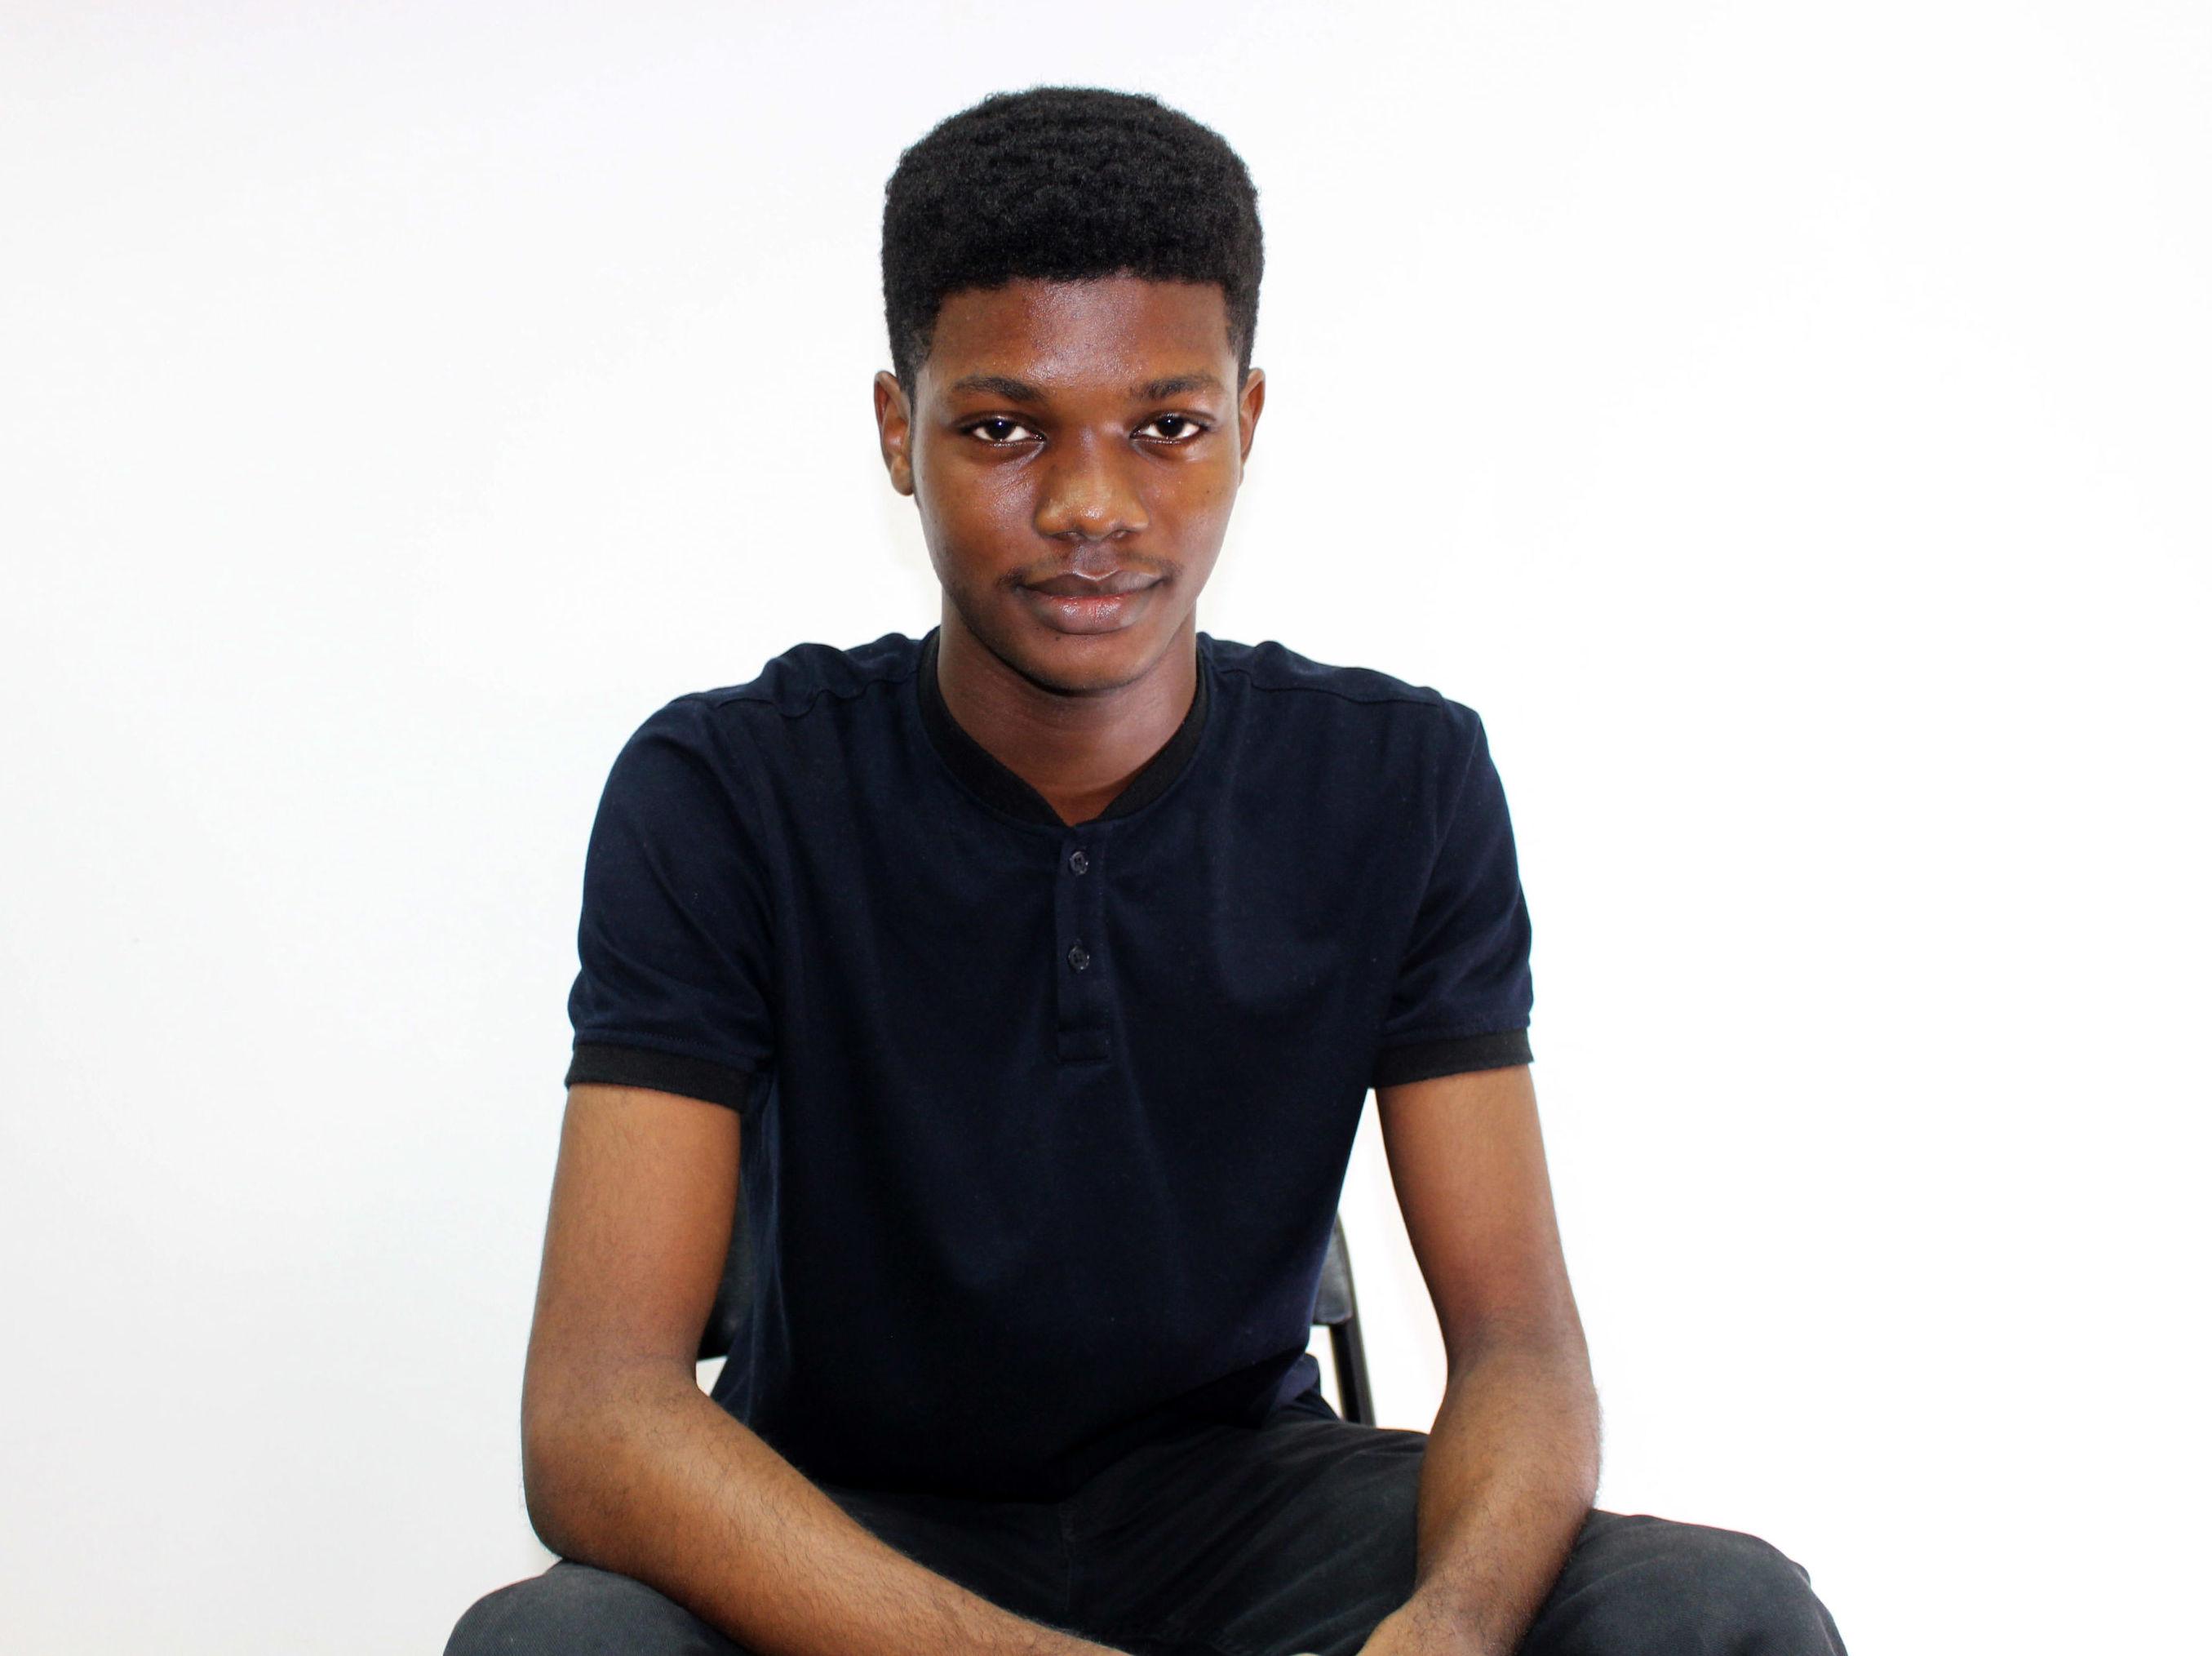 O'Plérou Grebet, graphiste ivoirien de 22 ans, créateurs des zouzoukwa, des émojis 100% africains